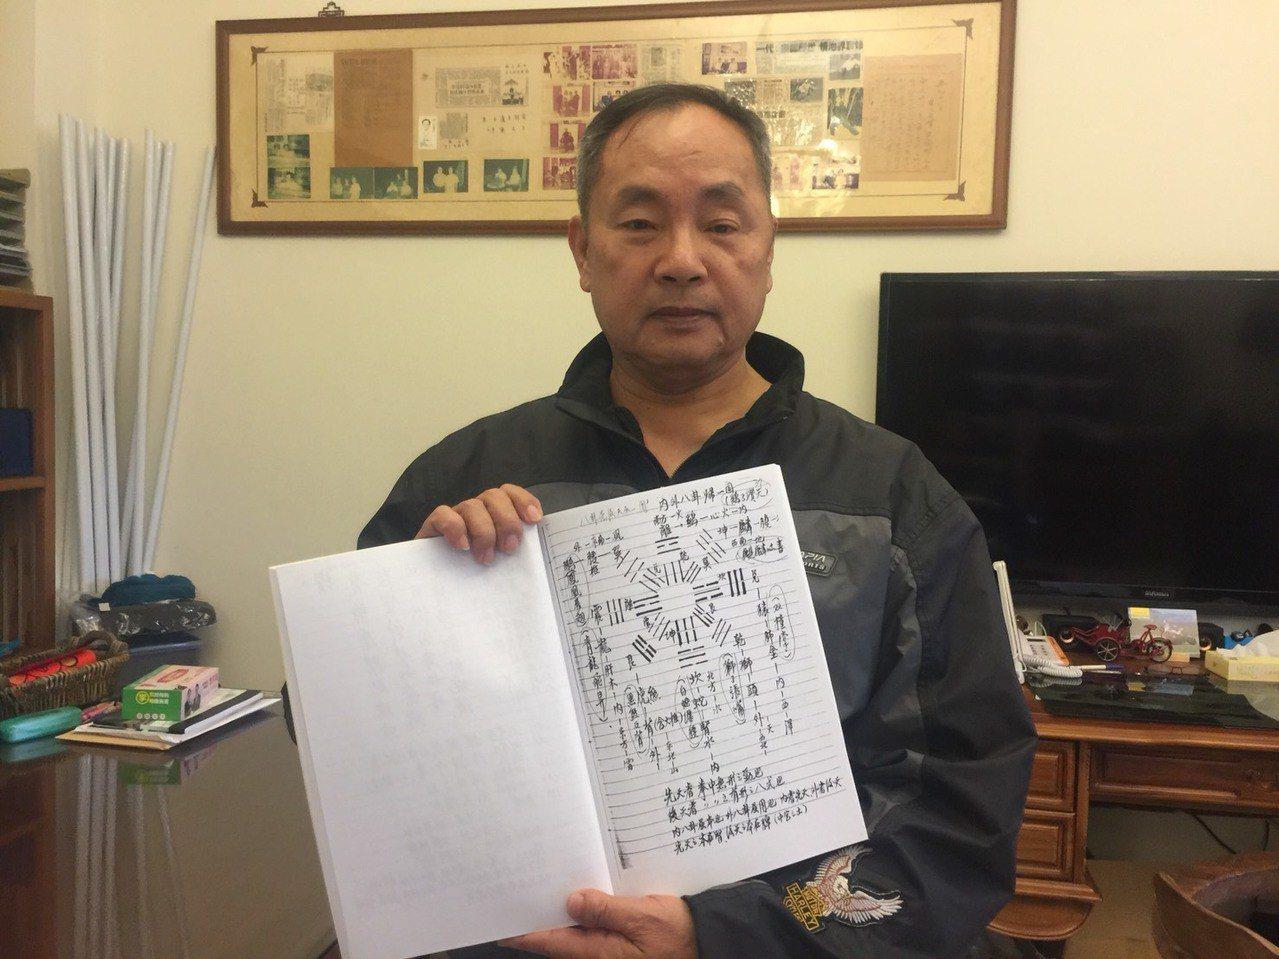 程旭泰收藏有「八掛拳譜」。記者吳政修/攝影